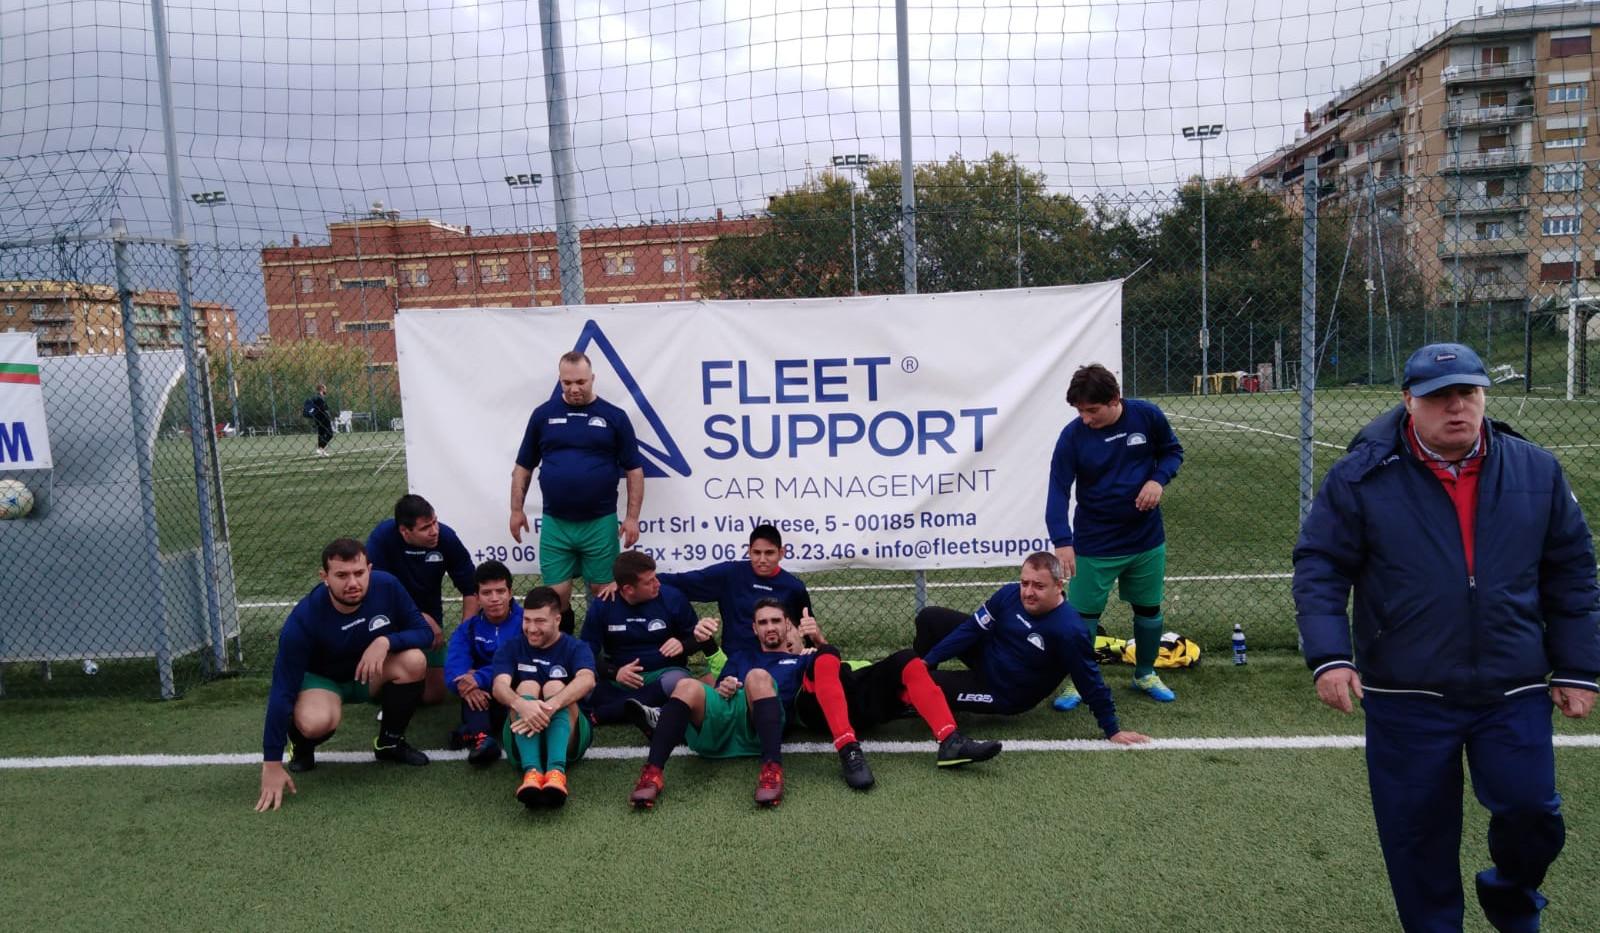 centocellefc torneo fleet support 18.jpe